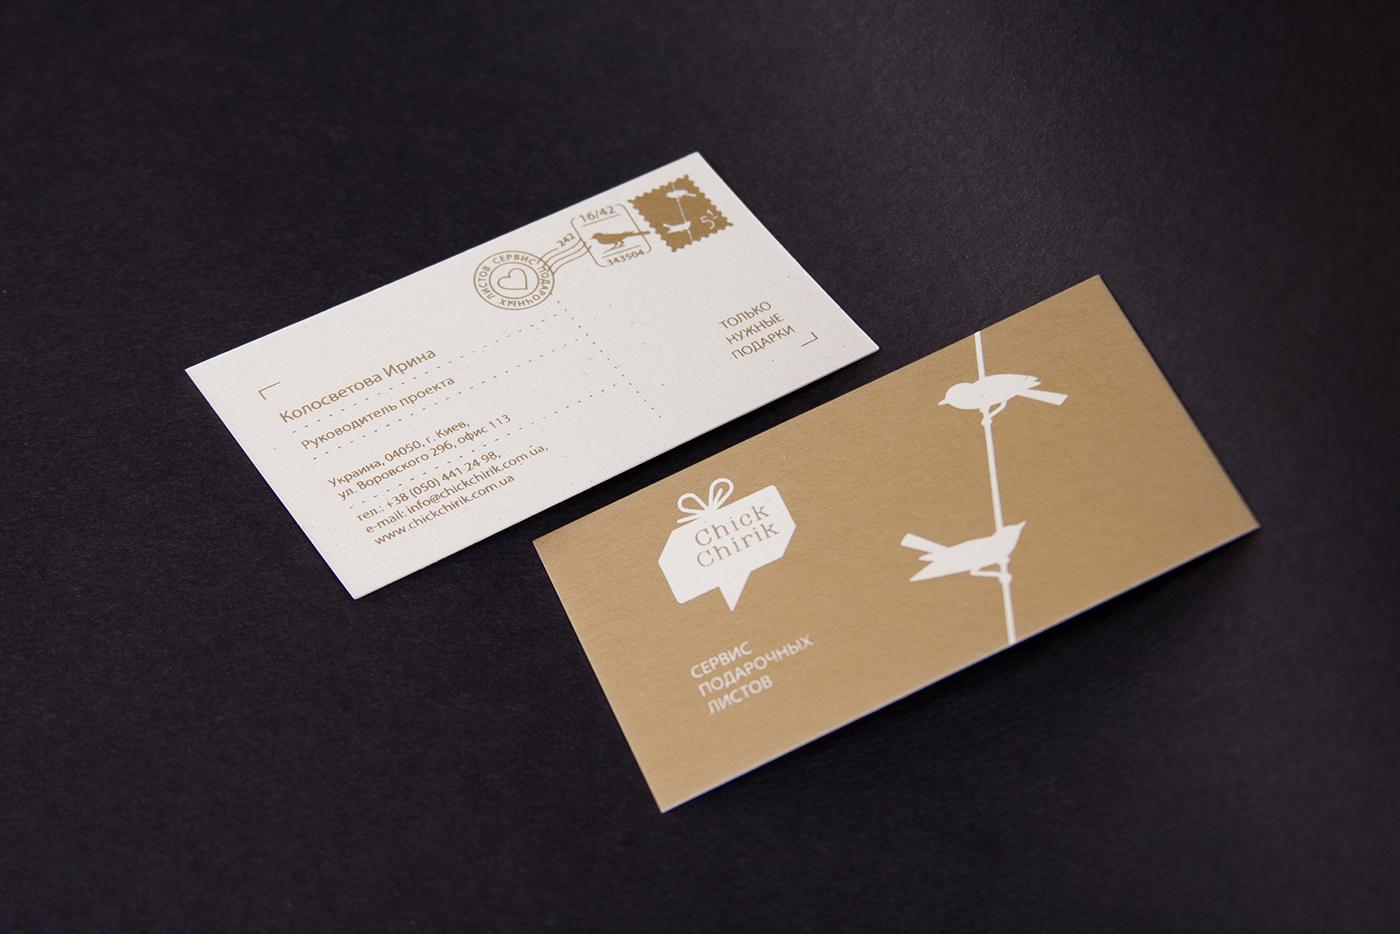 ukraine Business Cards pattern birds pencil envelopes paper bag leaves bubble apple